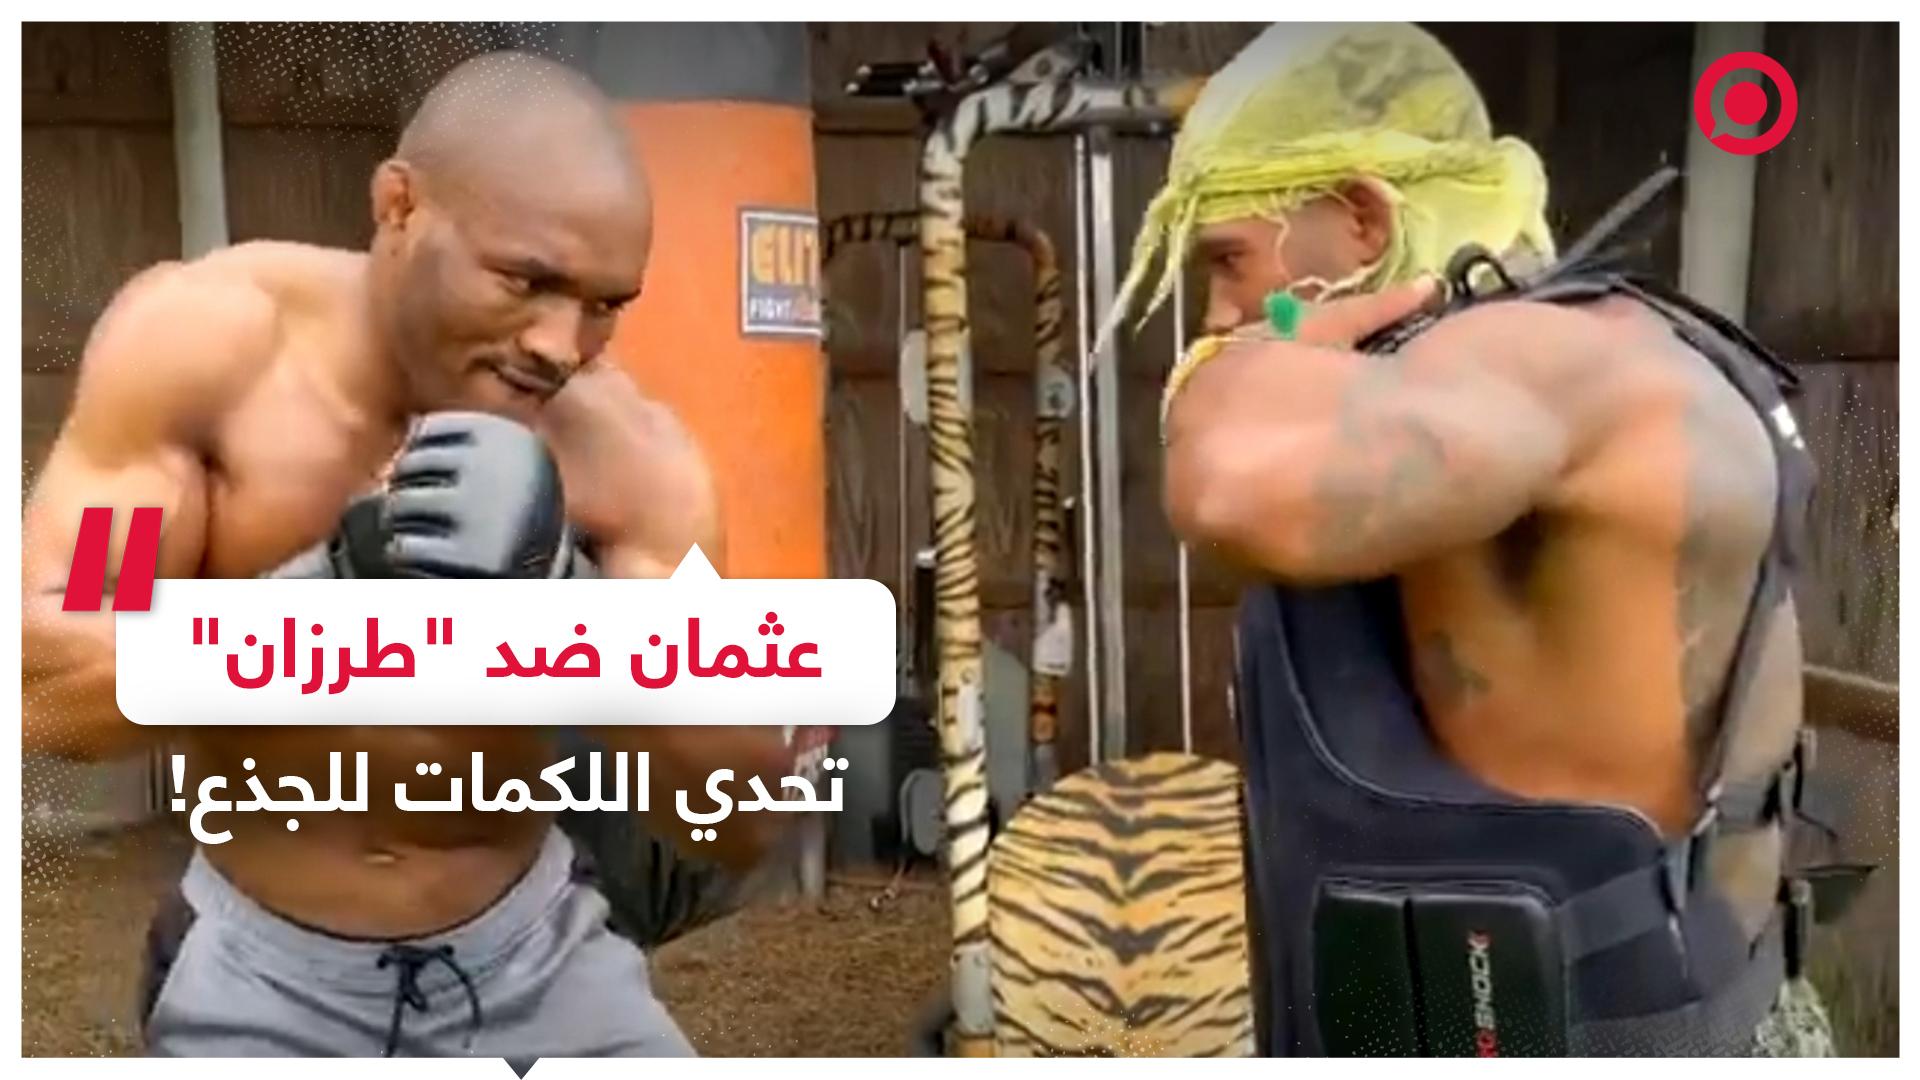 البطل عثمان يواجه طرزان في تحدي اللكمات للجذع